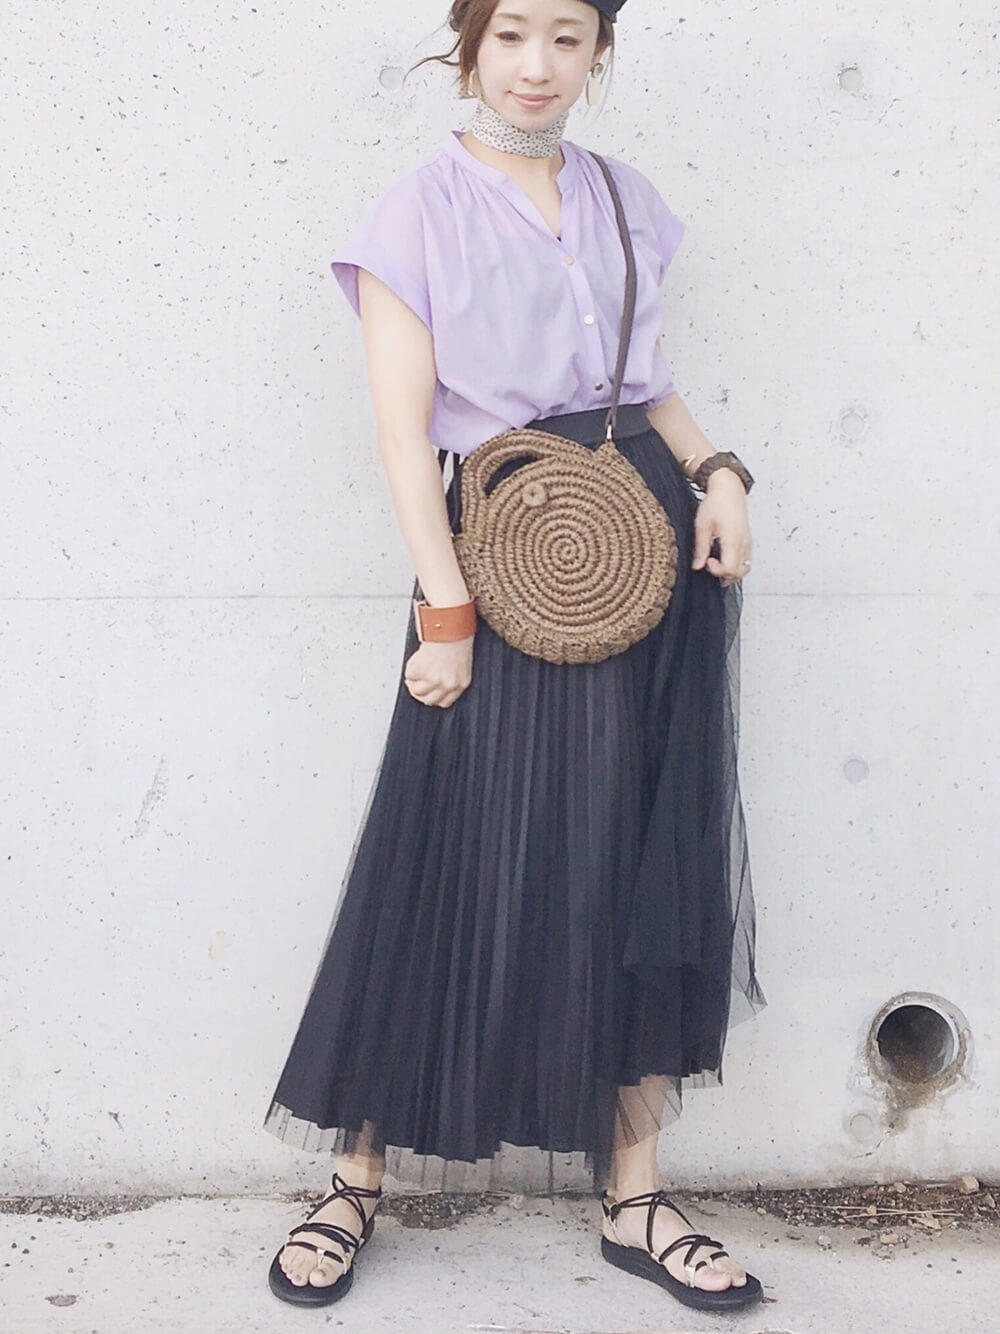 【テイスト別】チュールスカートを使った大人っぽコーデの作り方